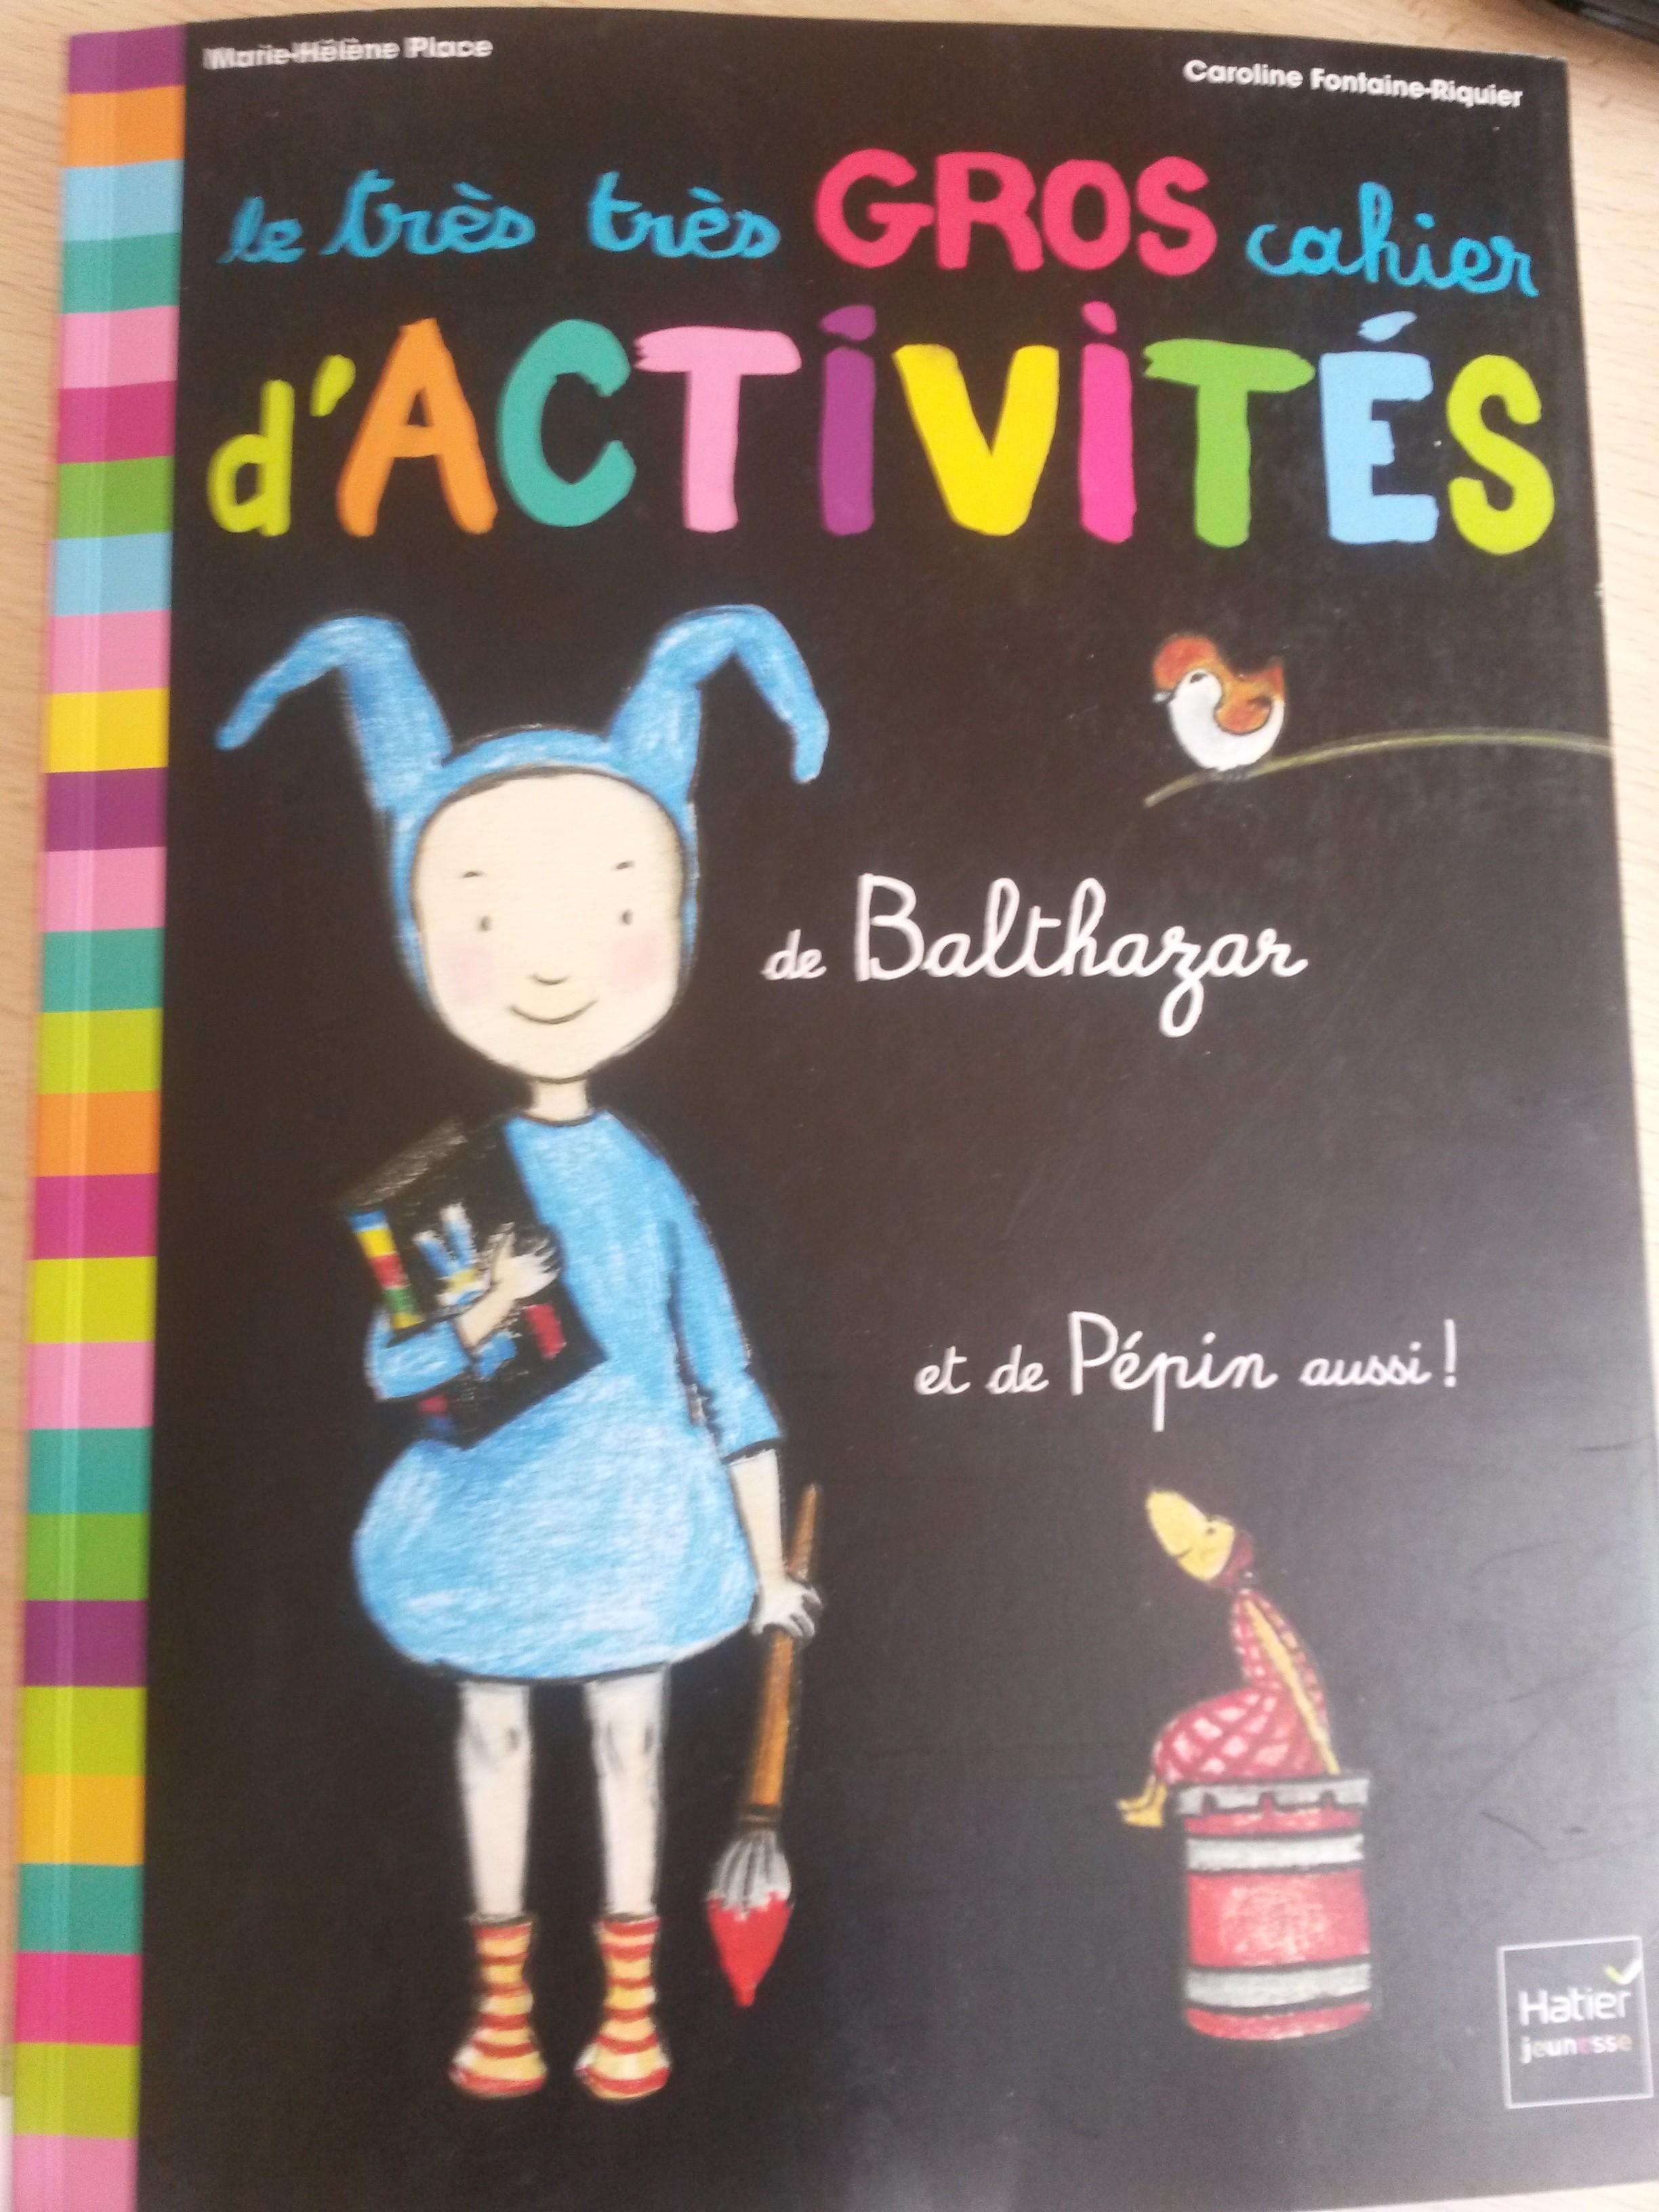 le très très gros cahier d'activités de Balthazar Montessori